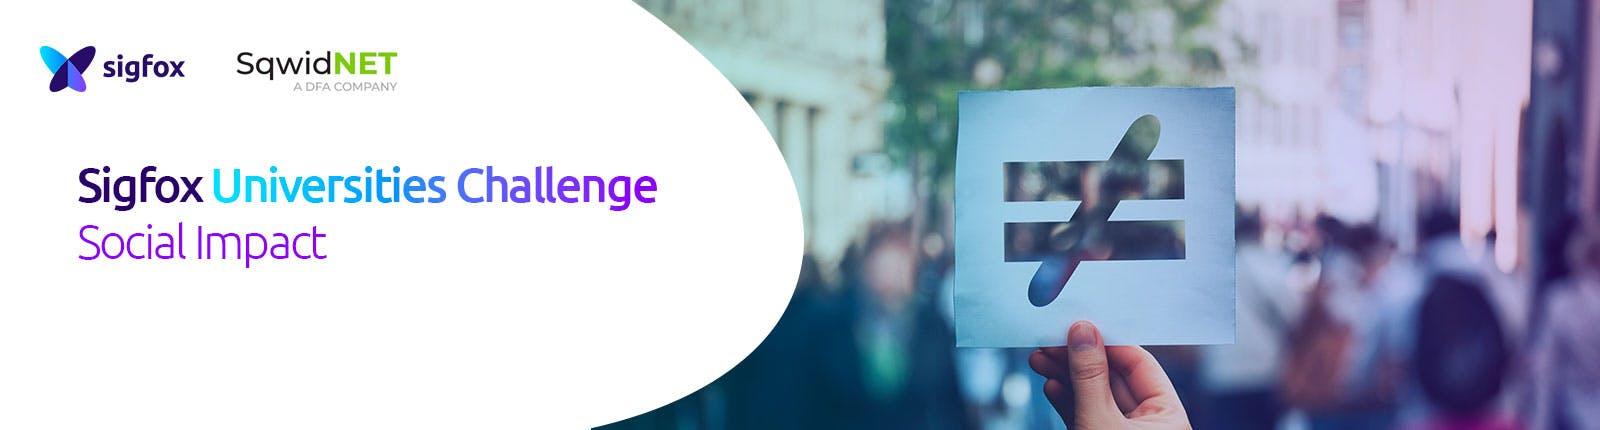 social-impact-banner---theme-2a.jpg